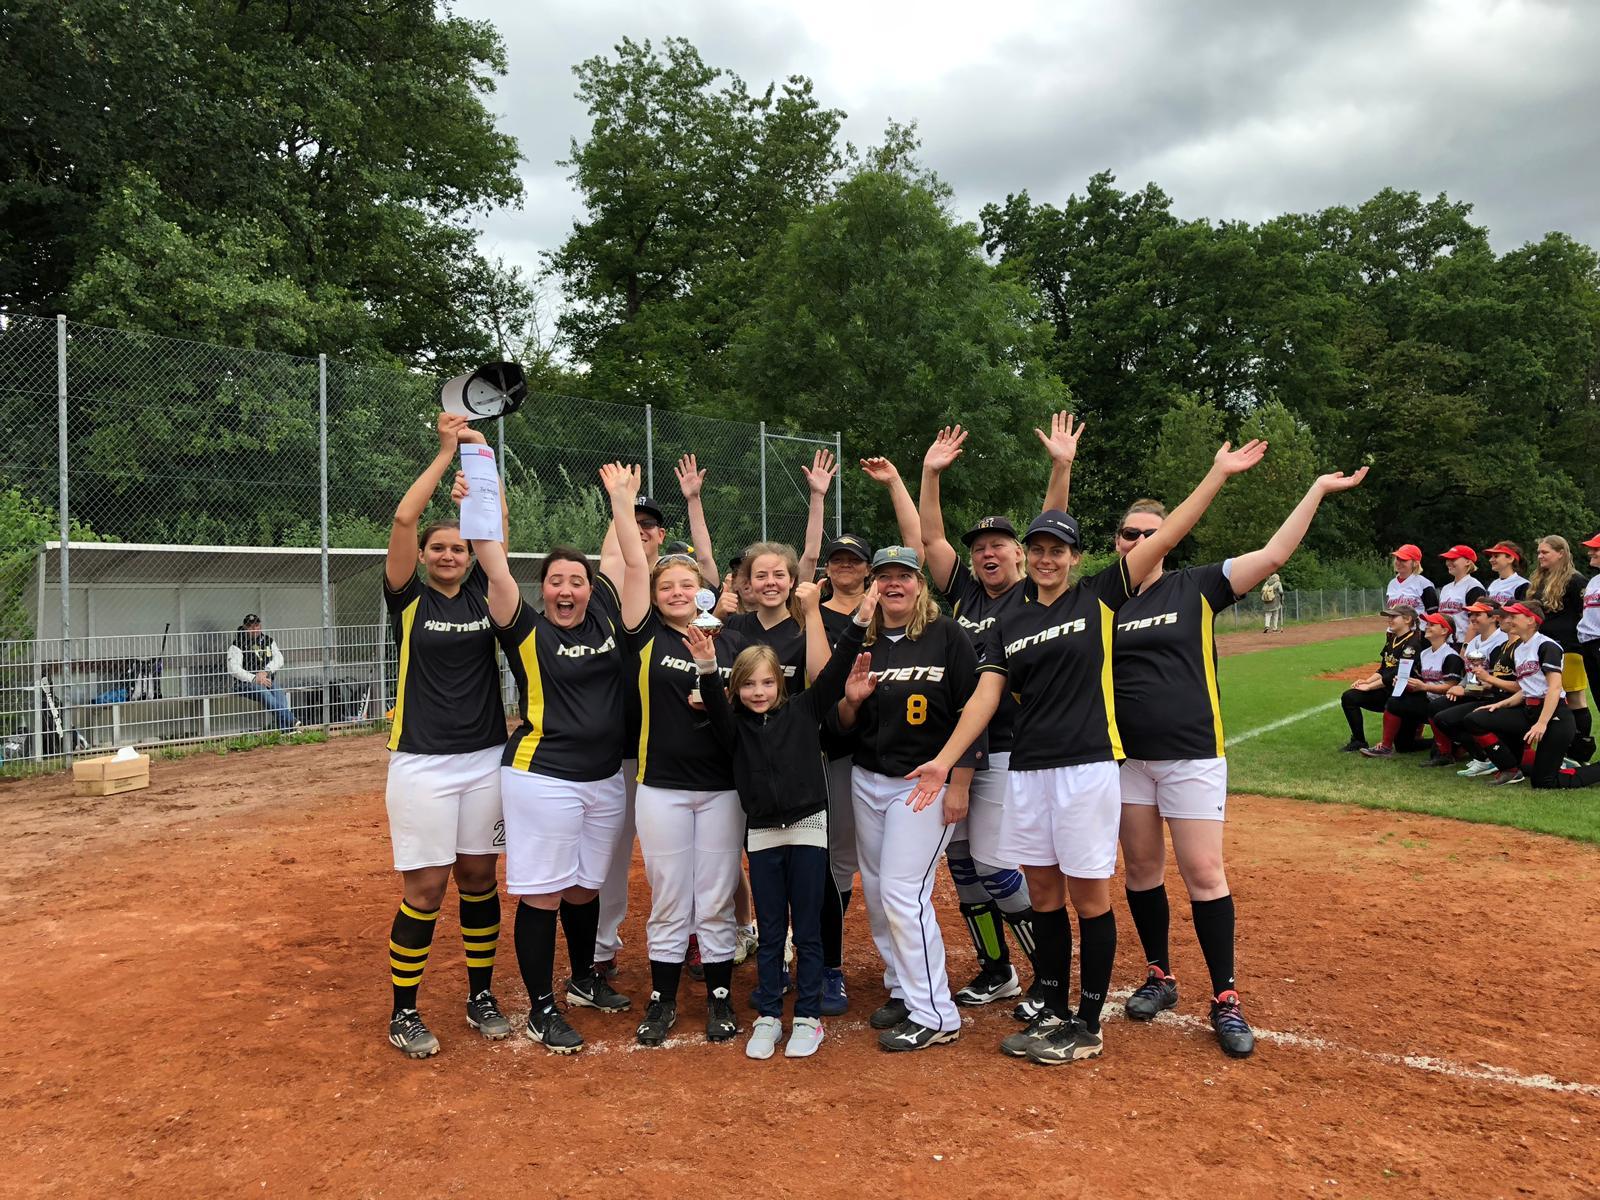 Hornets-Damen gewinnen Vize-Titel im Softball-Hessenpokal